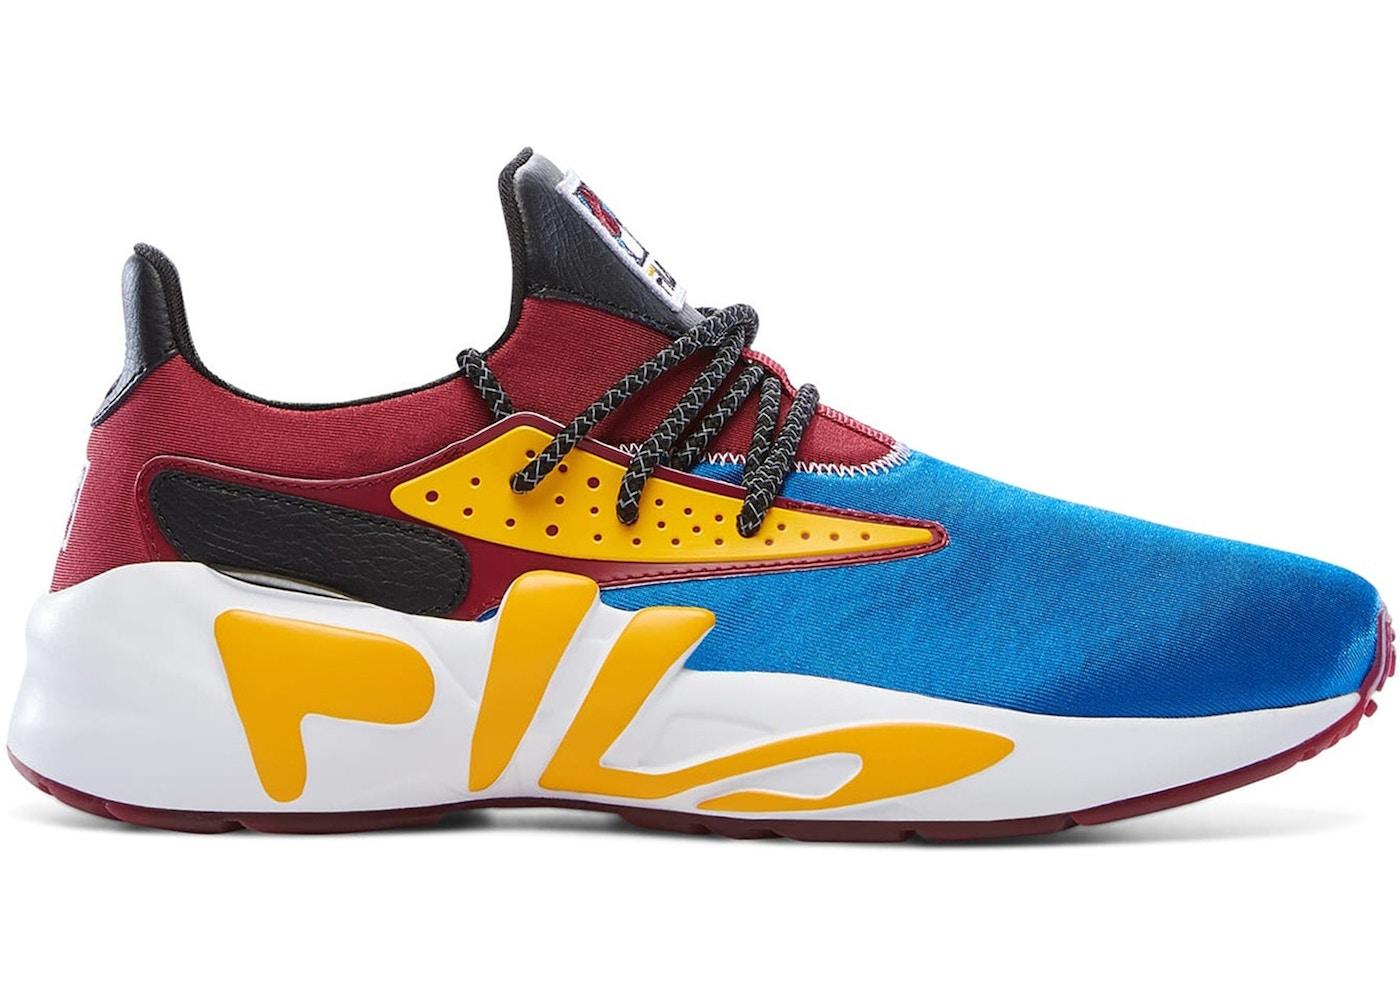 design top Fila Zapatos Fila Blower e1e6e Rubber Mind 0 e259a; en 2 87dc4 Burn azul de 45c28 Mindbreaker comfortable E18A1LbusQ Tampa SSwUg